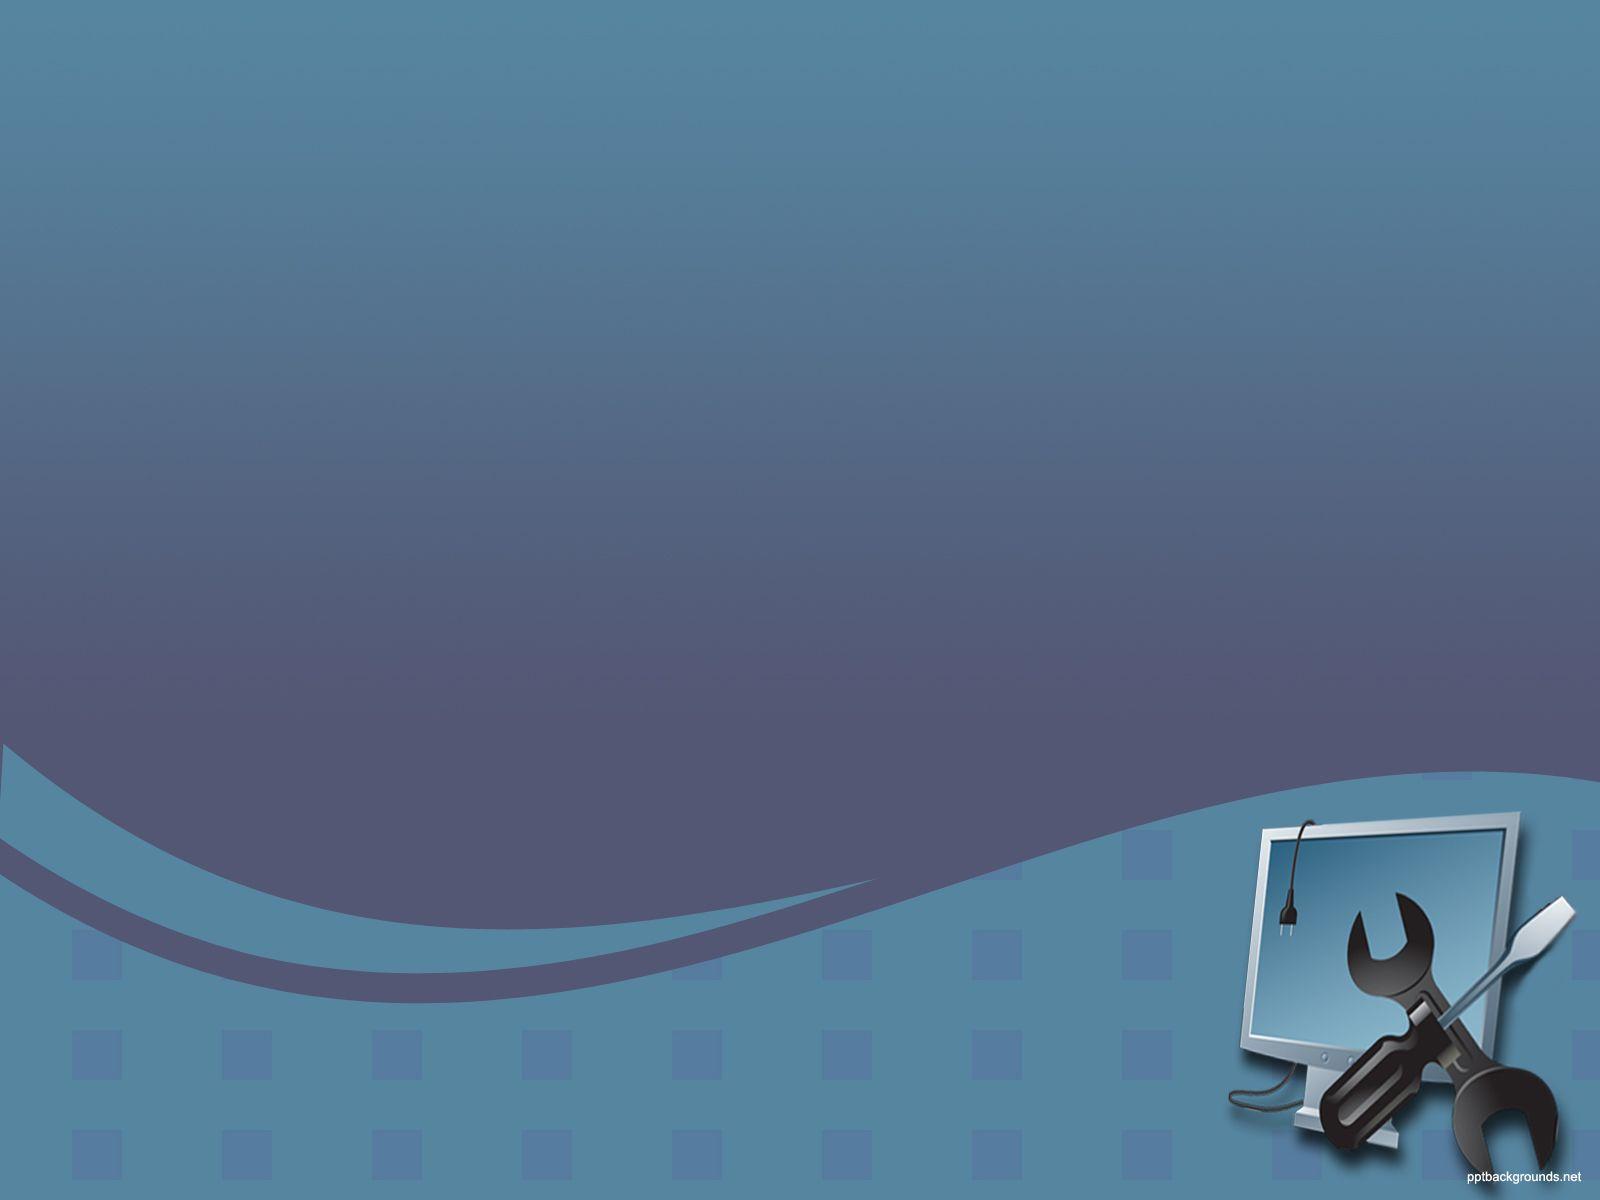 комиссии картинки на фон презентации по технологии появились